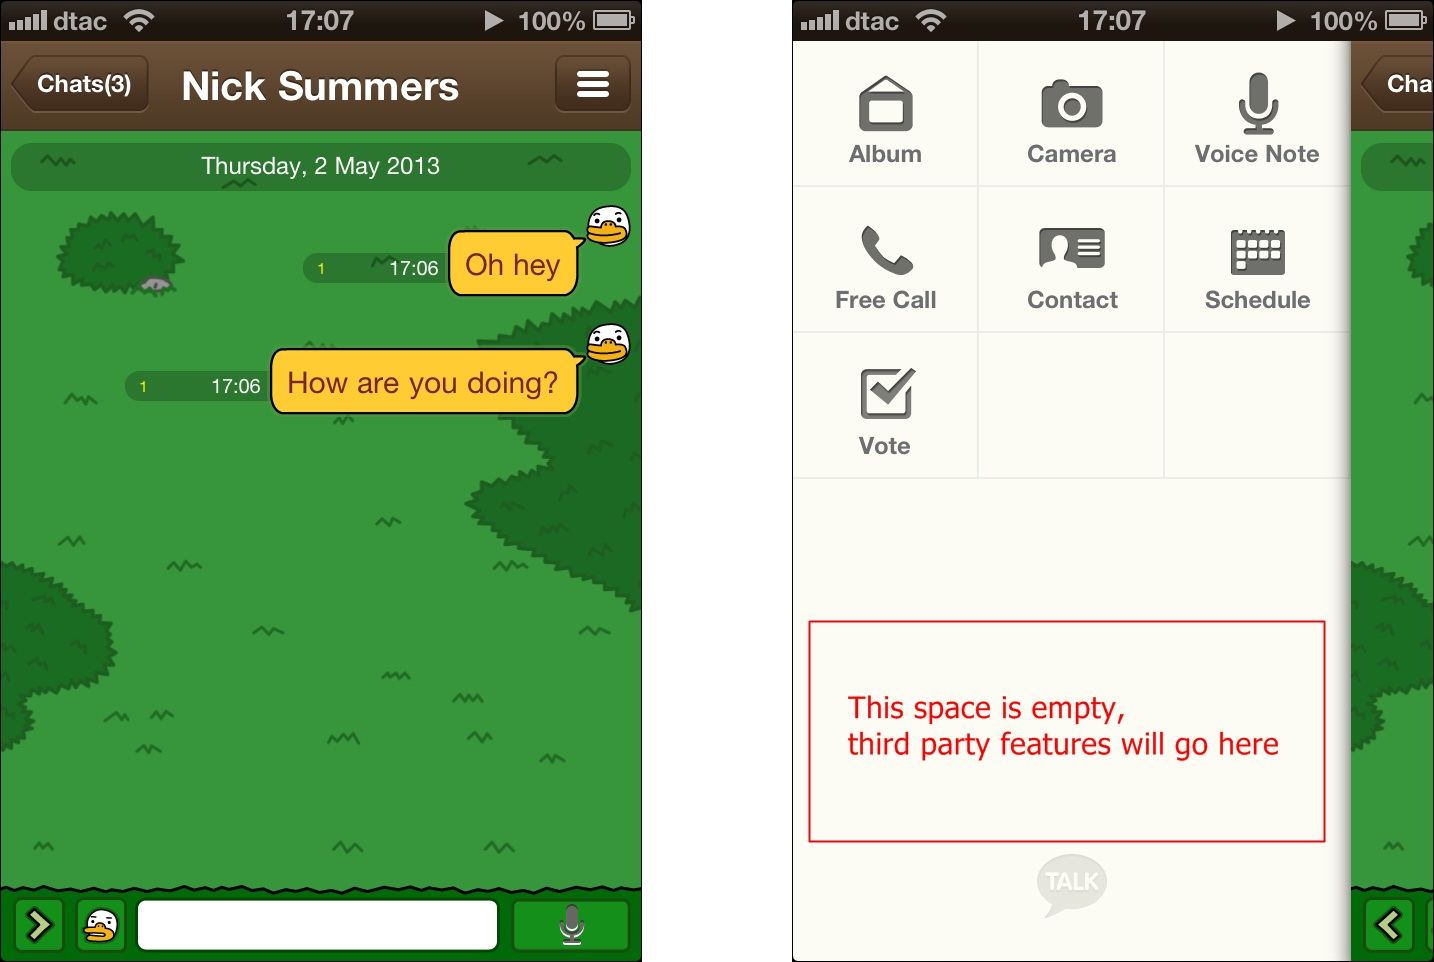 Korean dating chat app